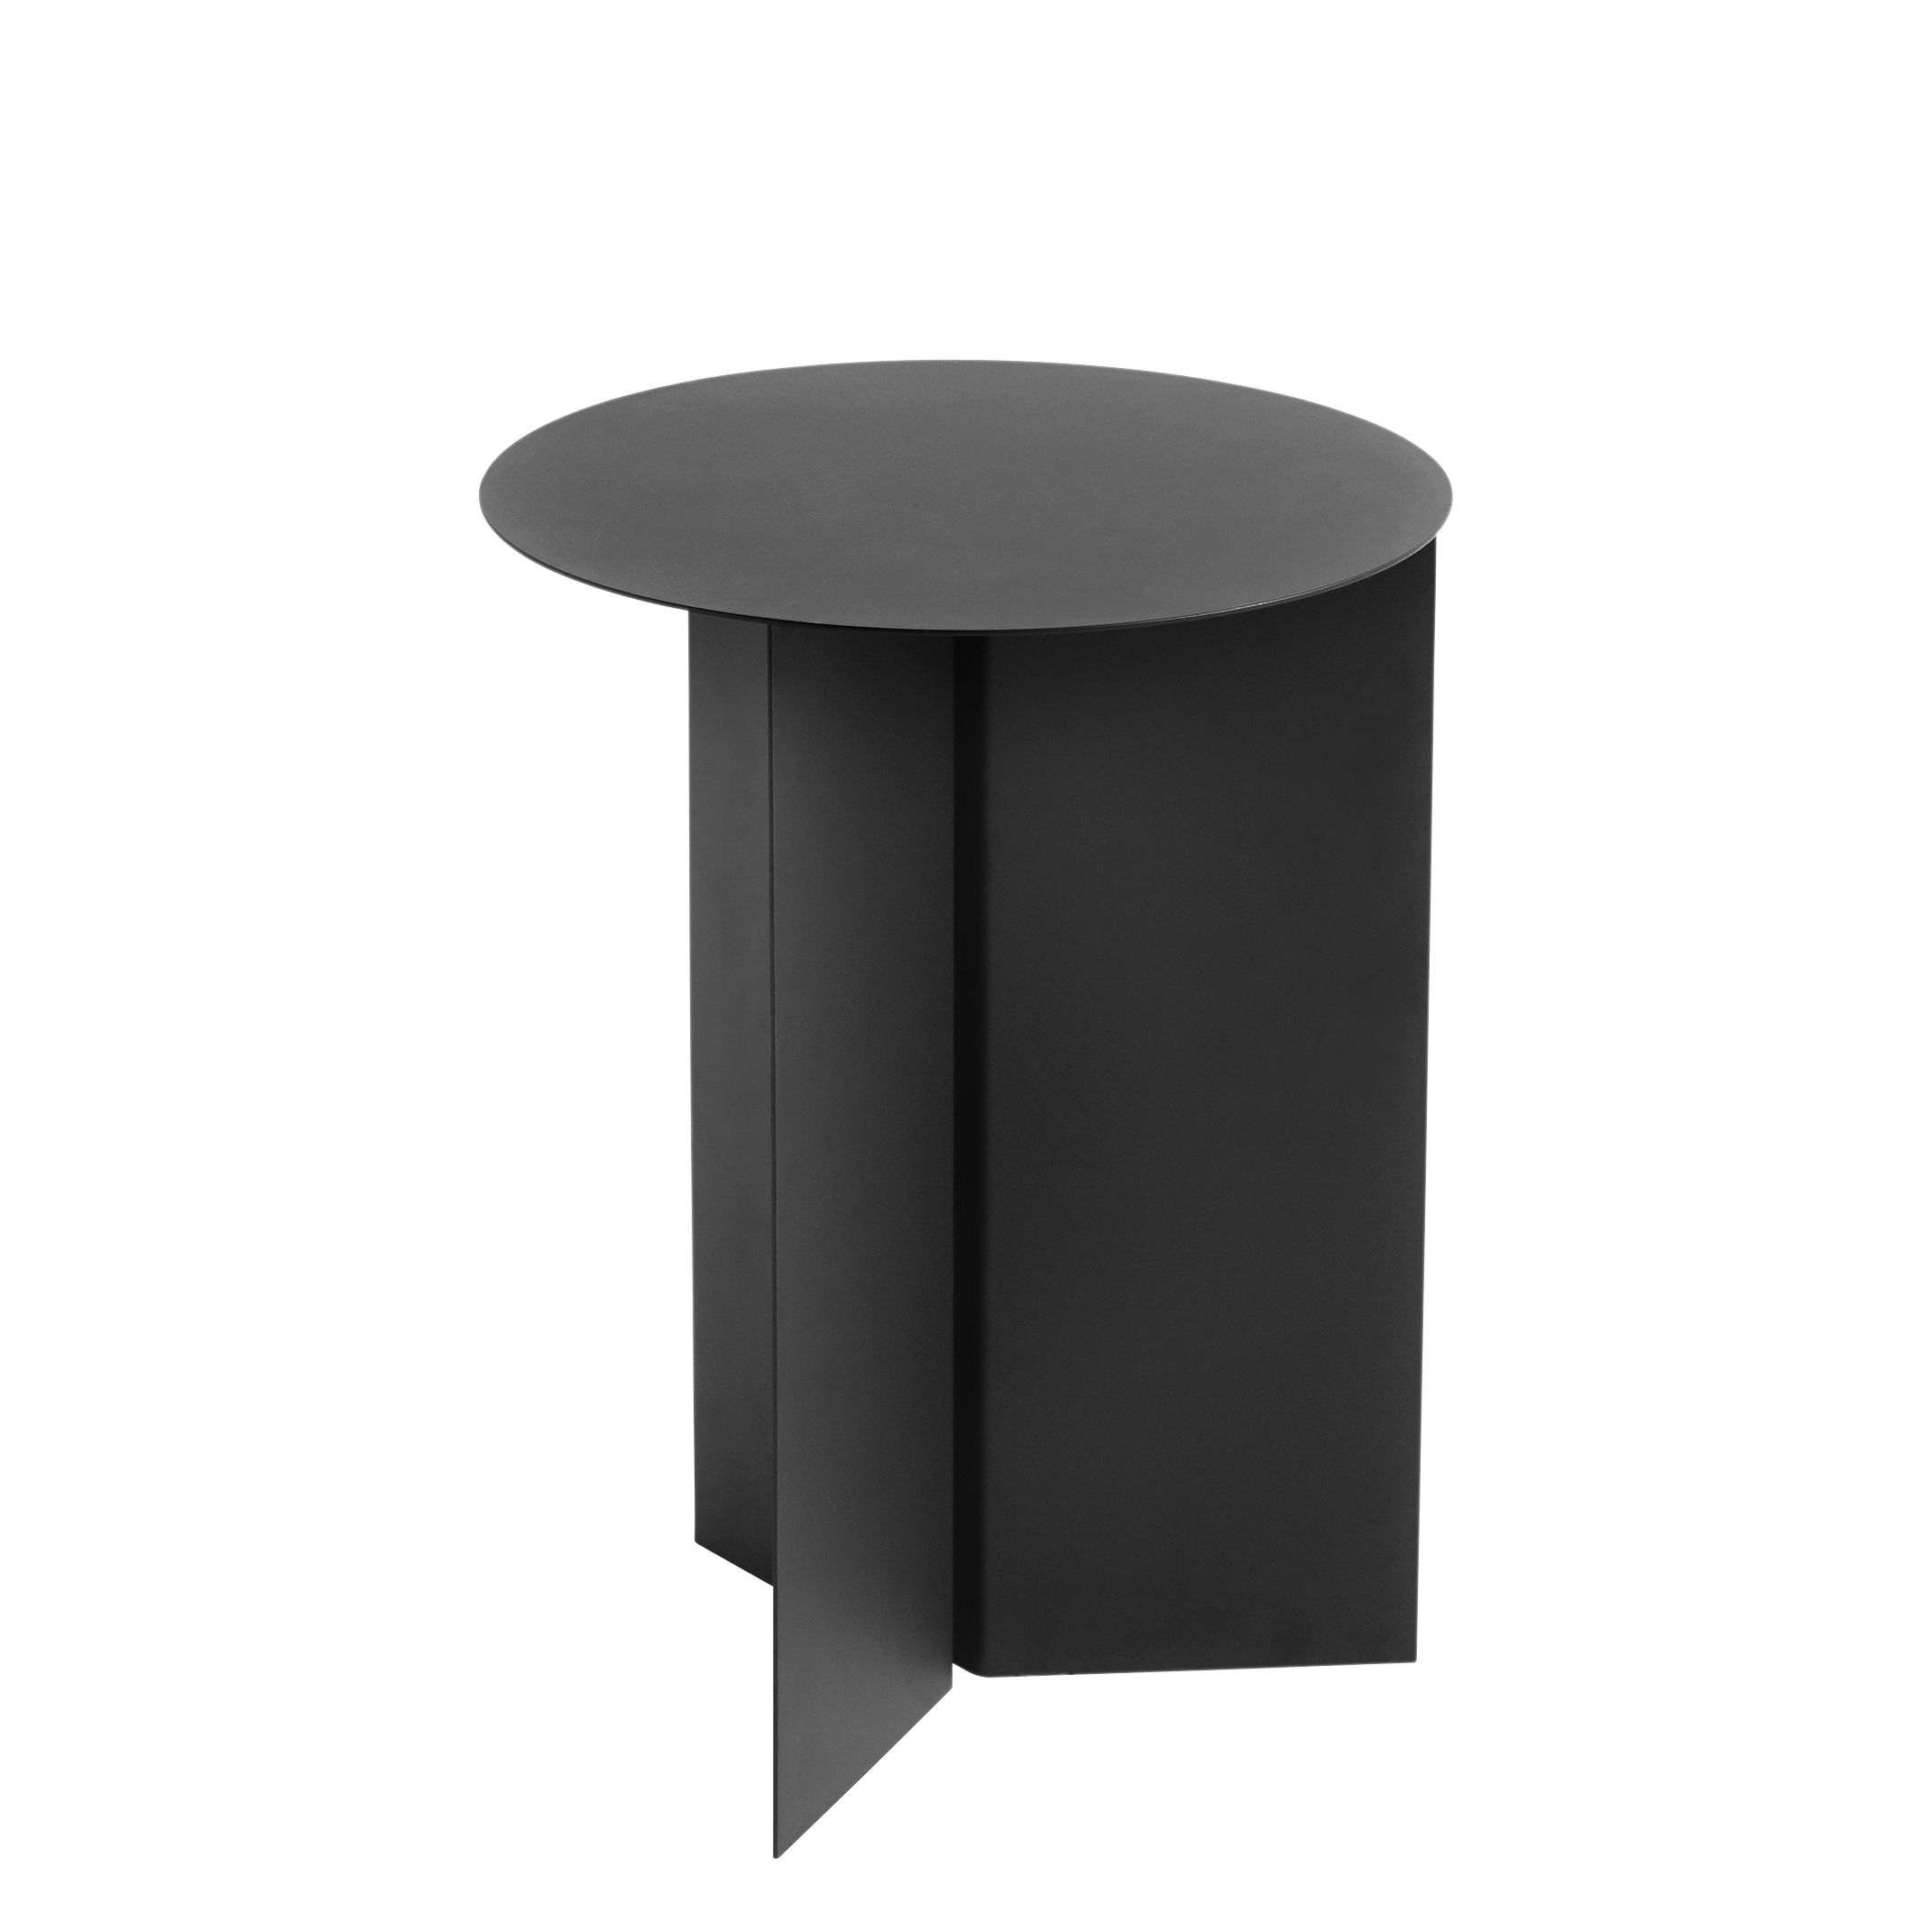 Möbel - Couchtische - Slit Round Beistelltisch / Hoch - Ø 35 X H 47 cm - Hay - Schwarz - Acier laqué époxy